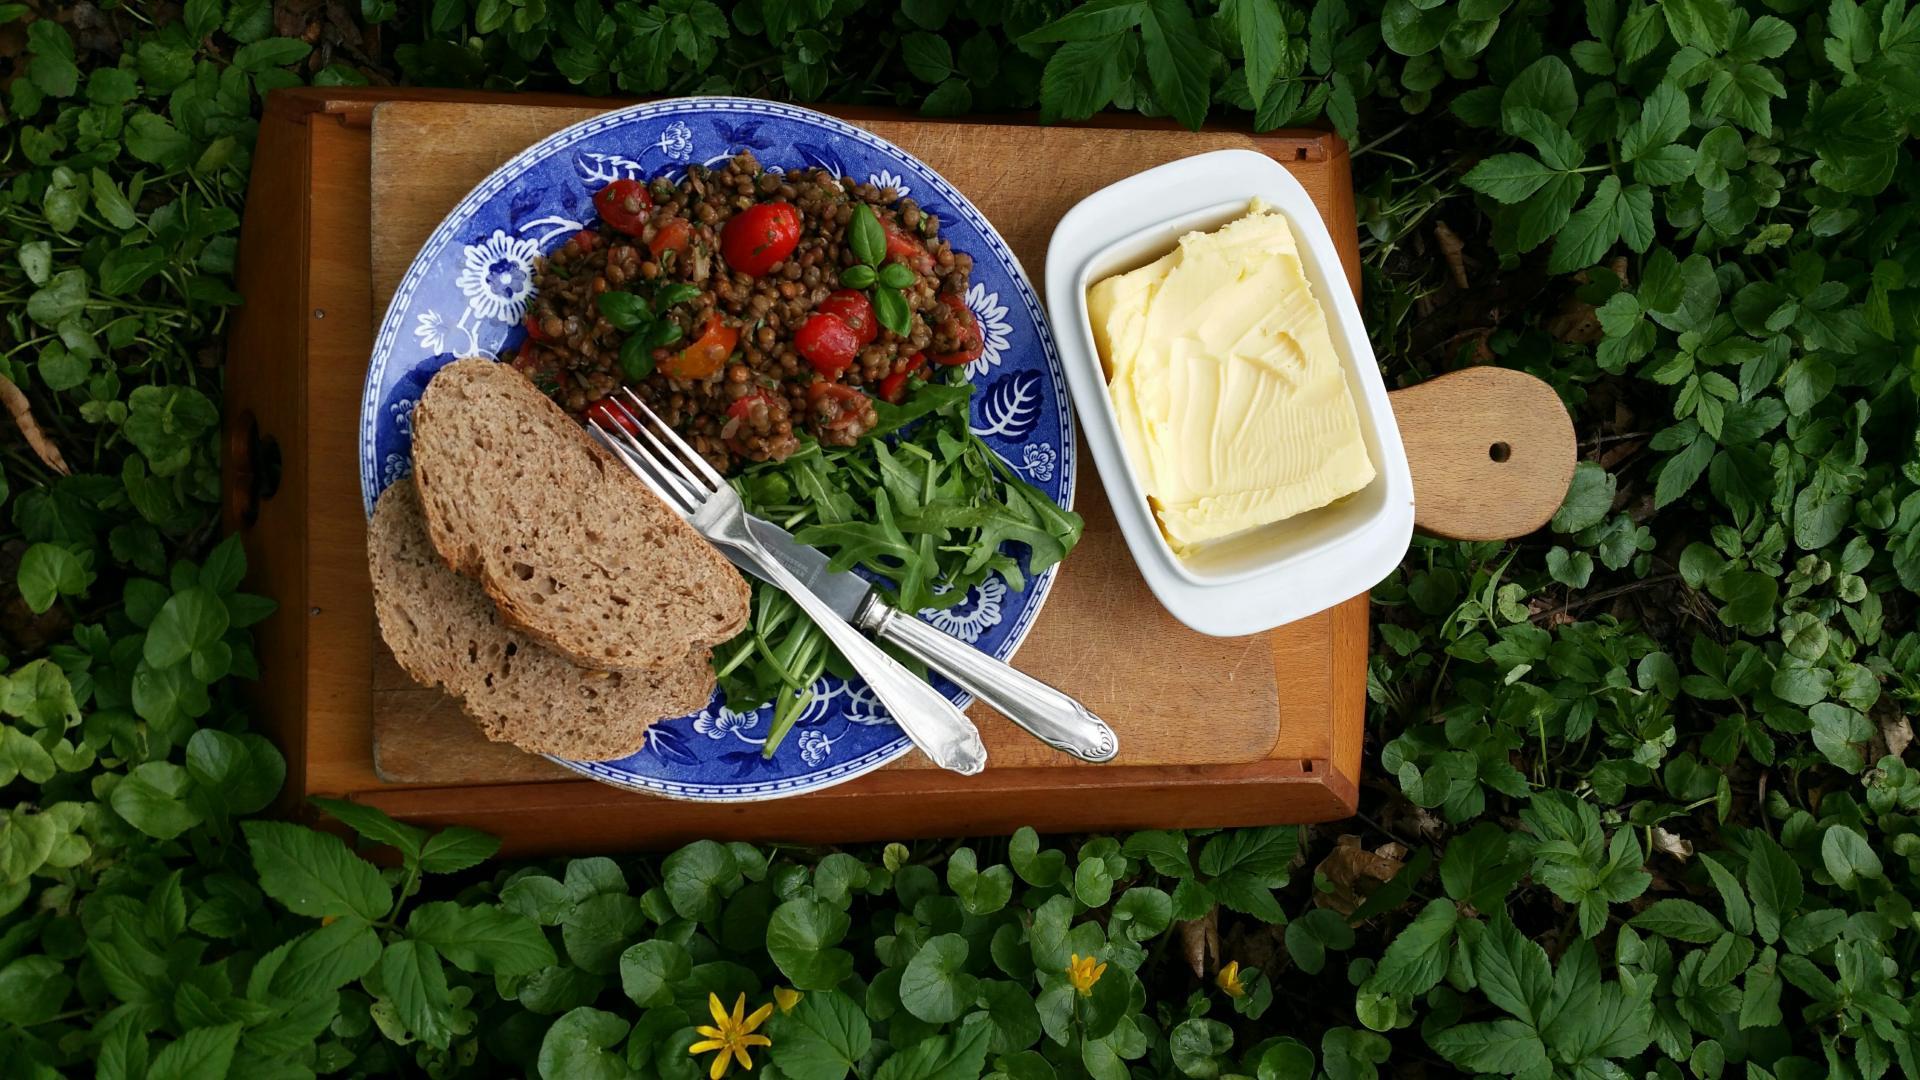 Uitgelichte foto voor het bericht Warme linzensalade met tomaat en rucola